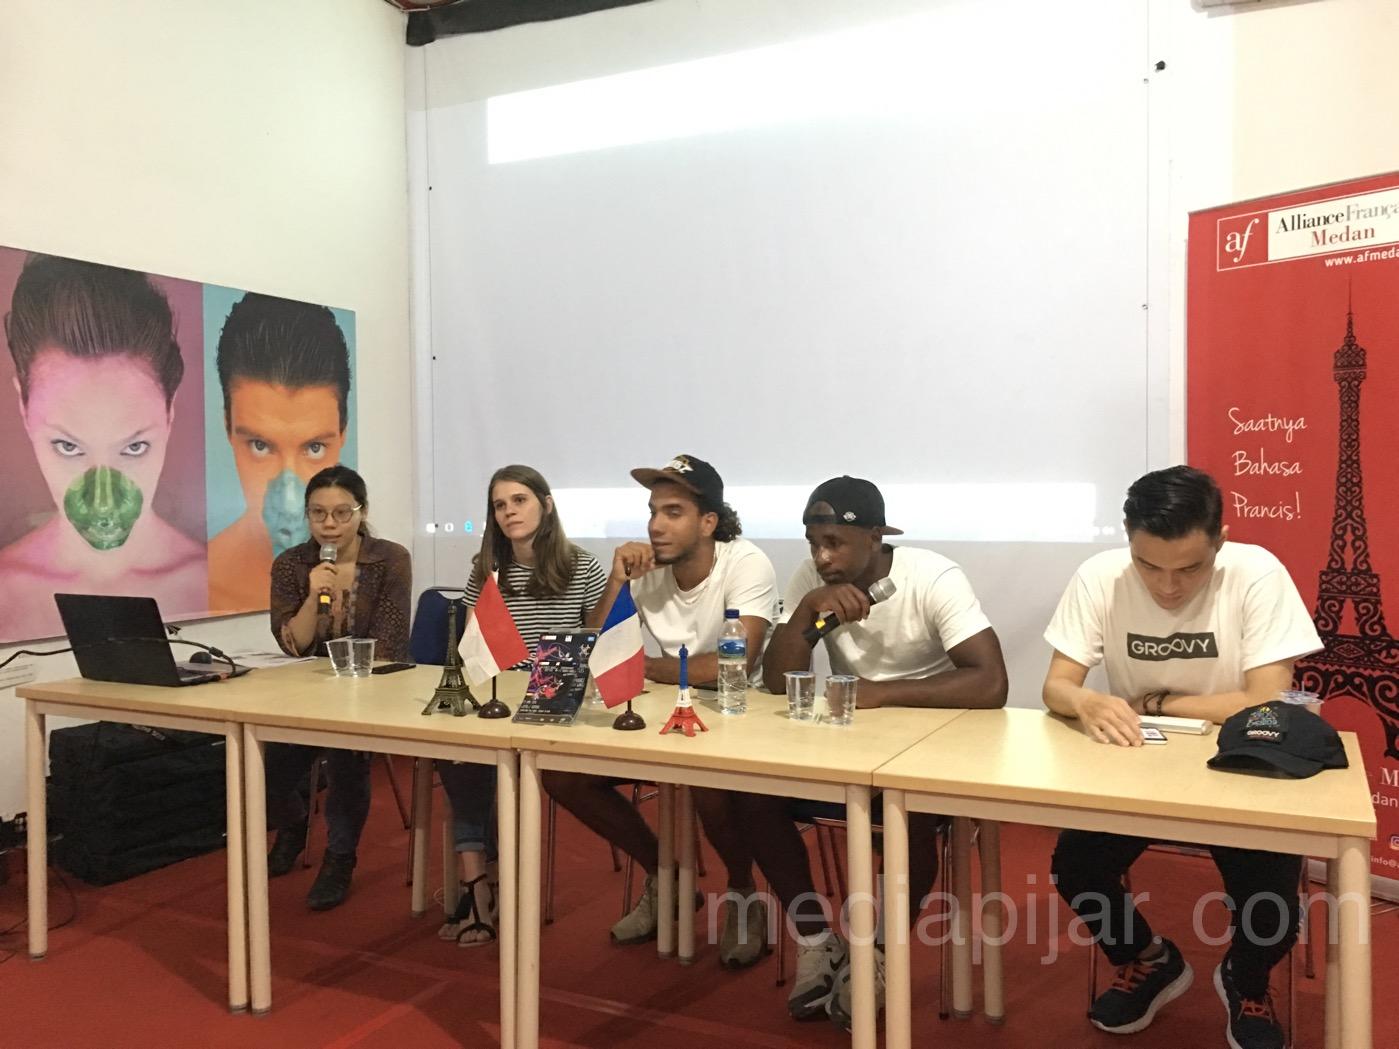 'French Wingz Press Conference' yang diadakan oleh Alliance Francaise de Medan dalam rangka mengenalkan Kebudayaan Grup Tari ini di kota Medan. (20/4) (Fotografer: Frans Dicky Naibaho)